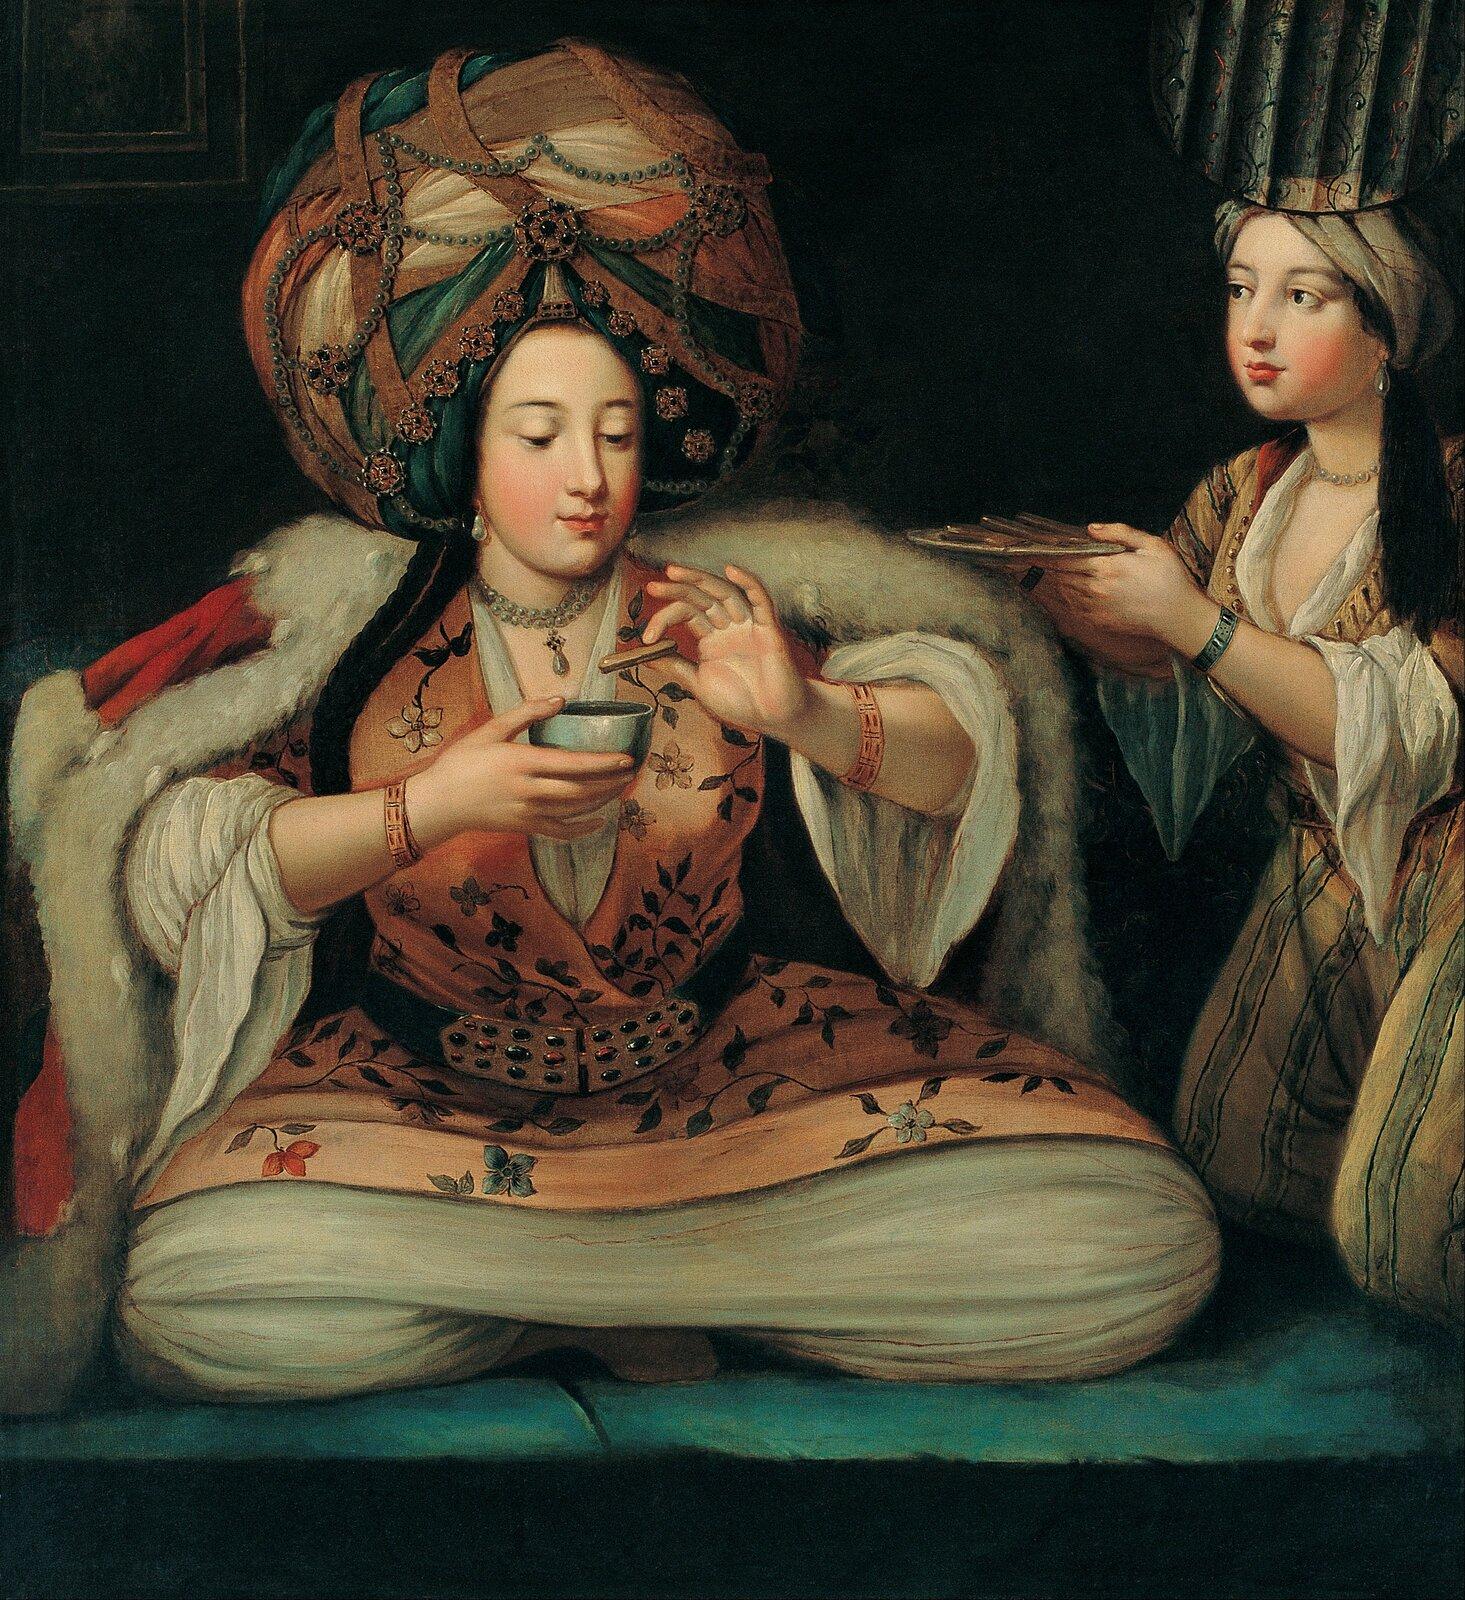 Ciesząc sie kawą Scena zBaśni ztysiąca ijednej nocy Źródło: Ciesząc sie kawą, pierwsza połowa XVIII wieku, olej na płótnie, domena publiczna.